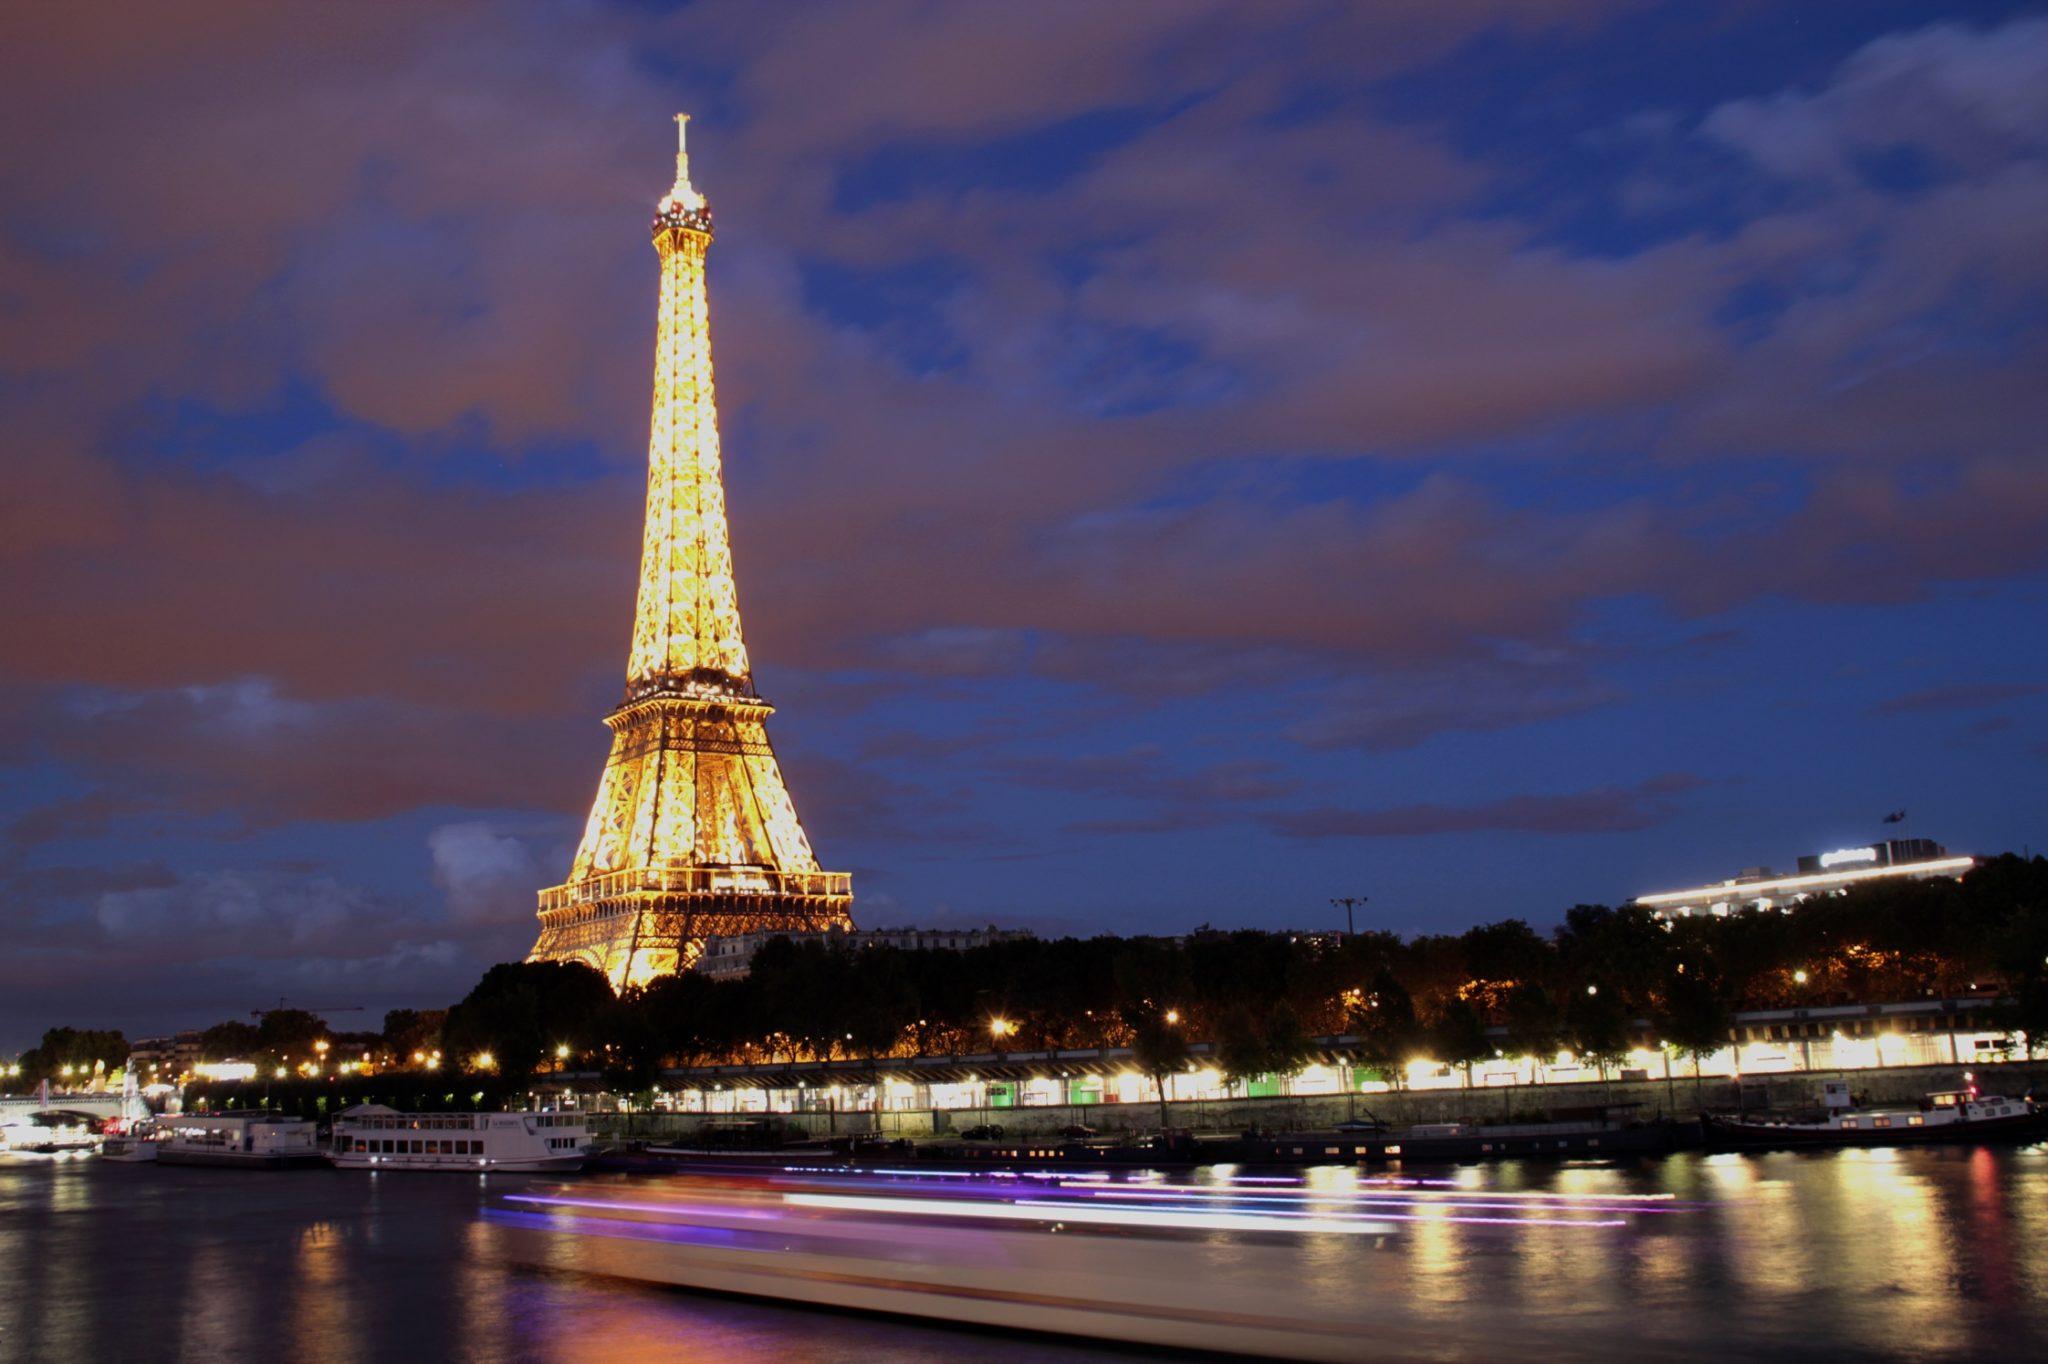 Tour Eiffel première pose longue avec une mauvaise balance des blancs